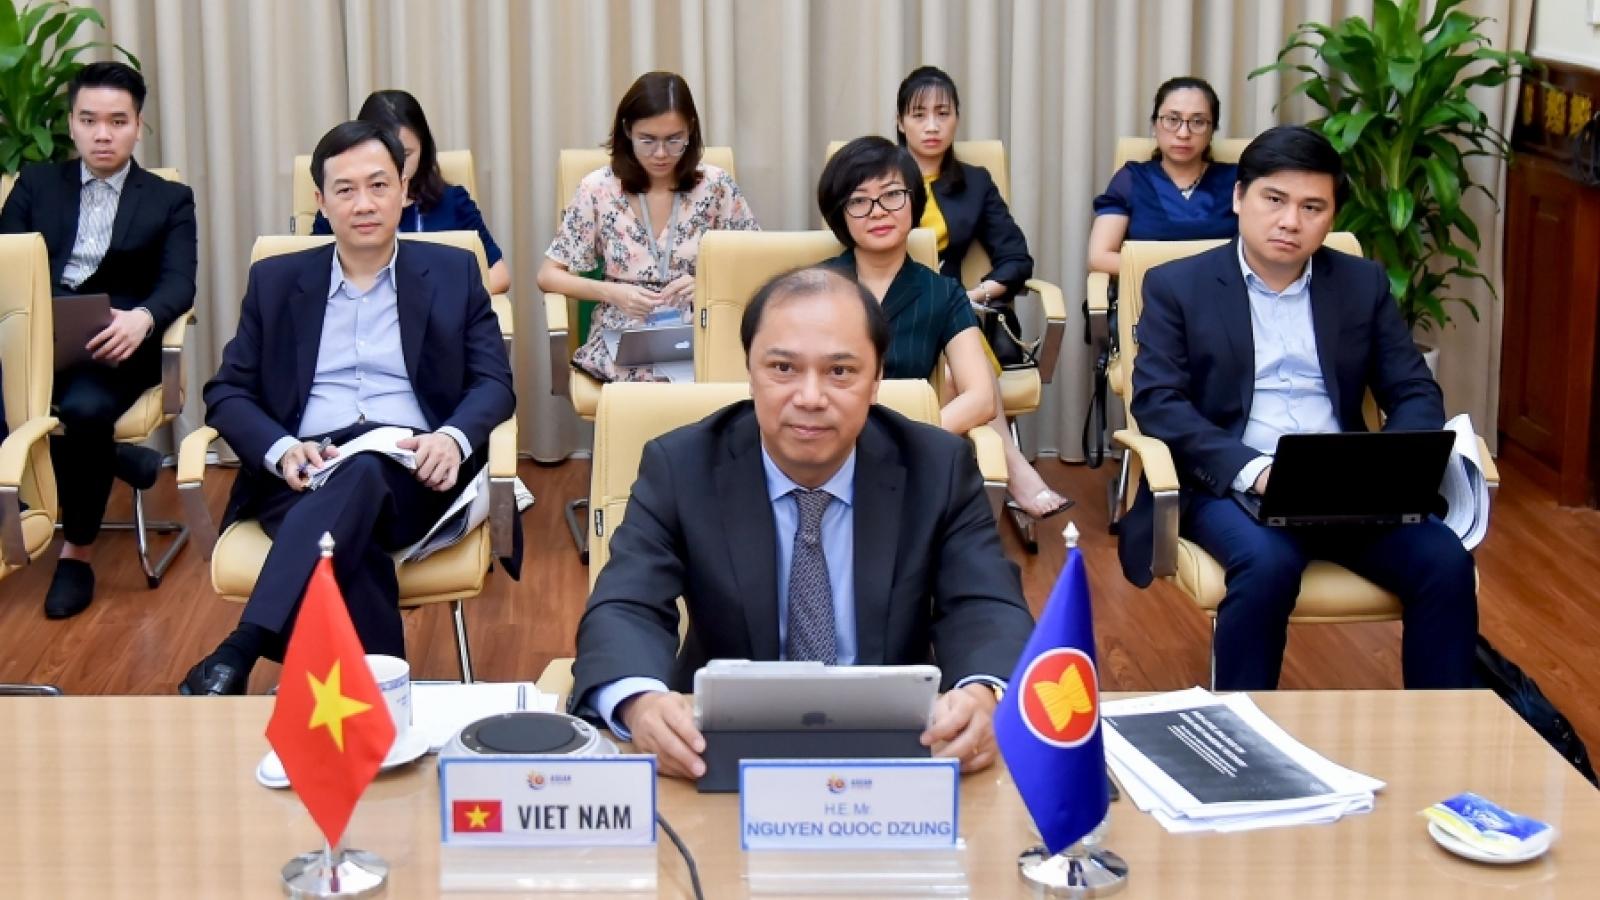 ASEAN thảo luận về khả năng hồi phục kinh tế sau đại dịch Covid-19